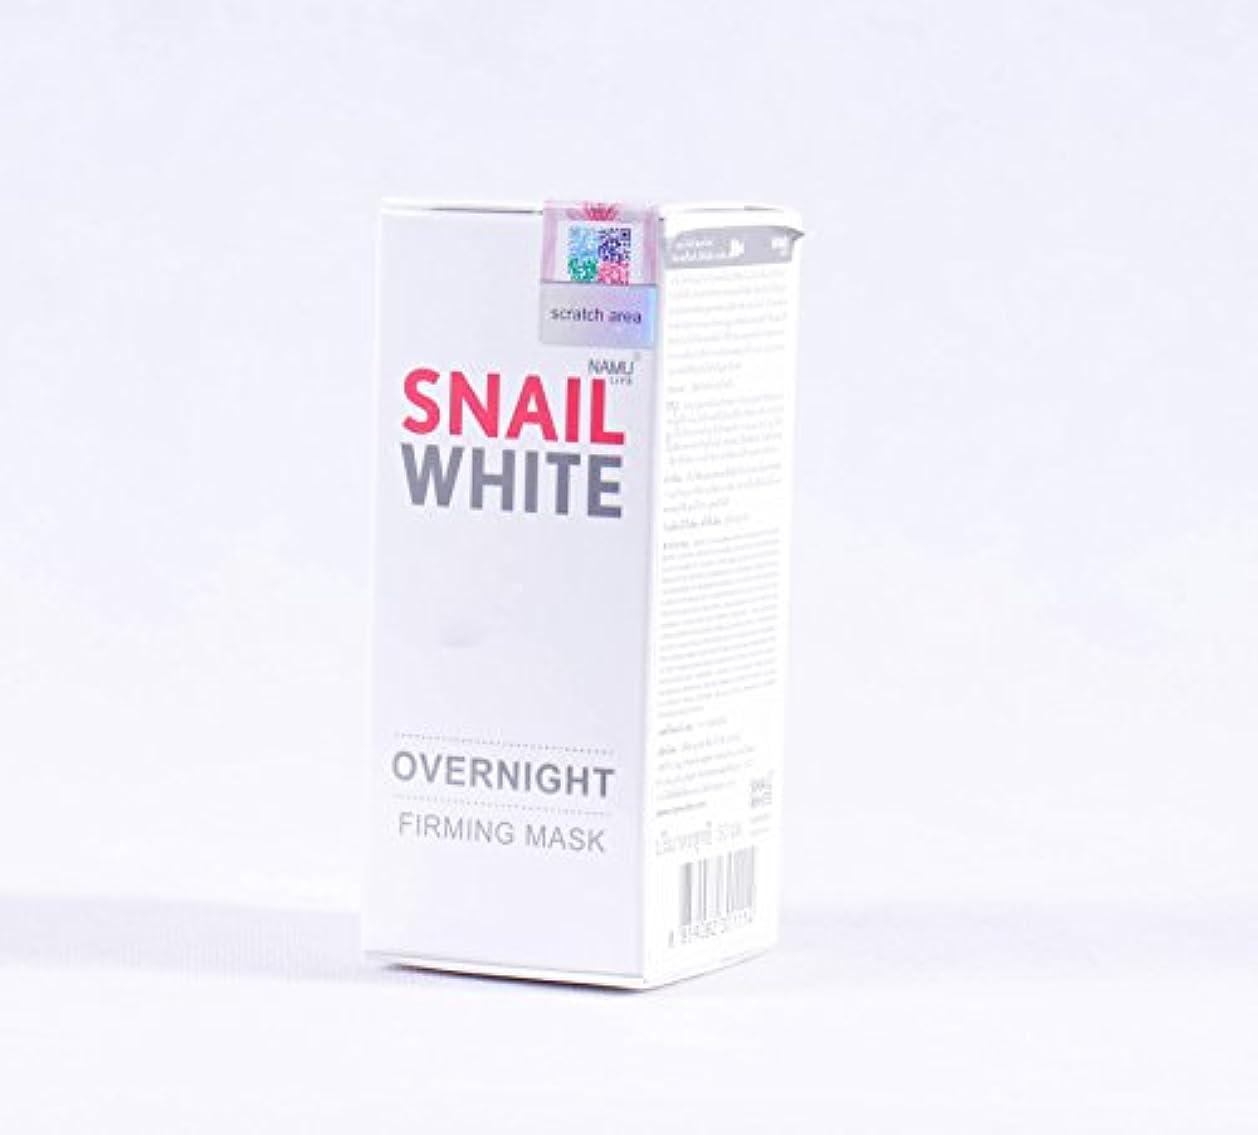 イブ持っているランデブーオーバーナイトファーミングマスク50 ml。 ホワイトニング NAMU LIFE SNAILWHITE OVERNIGHT FIRMING MASK 50 ml.